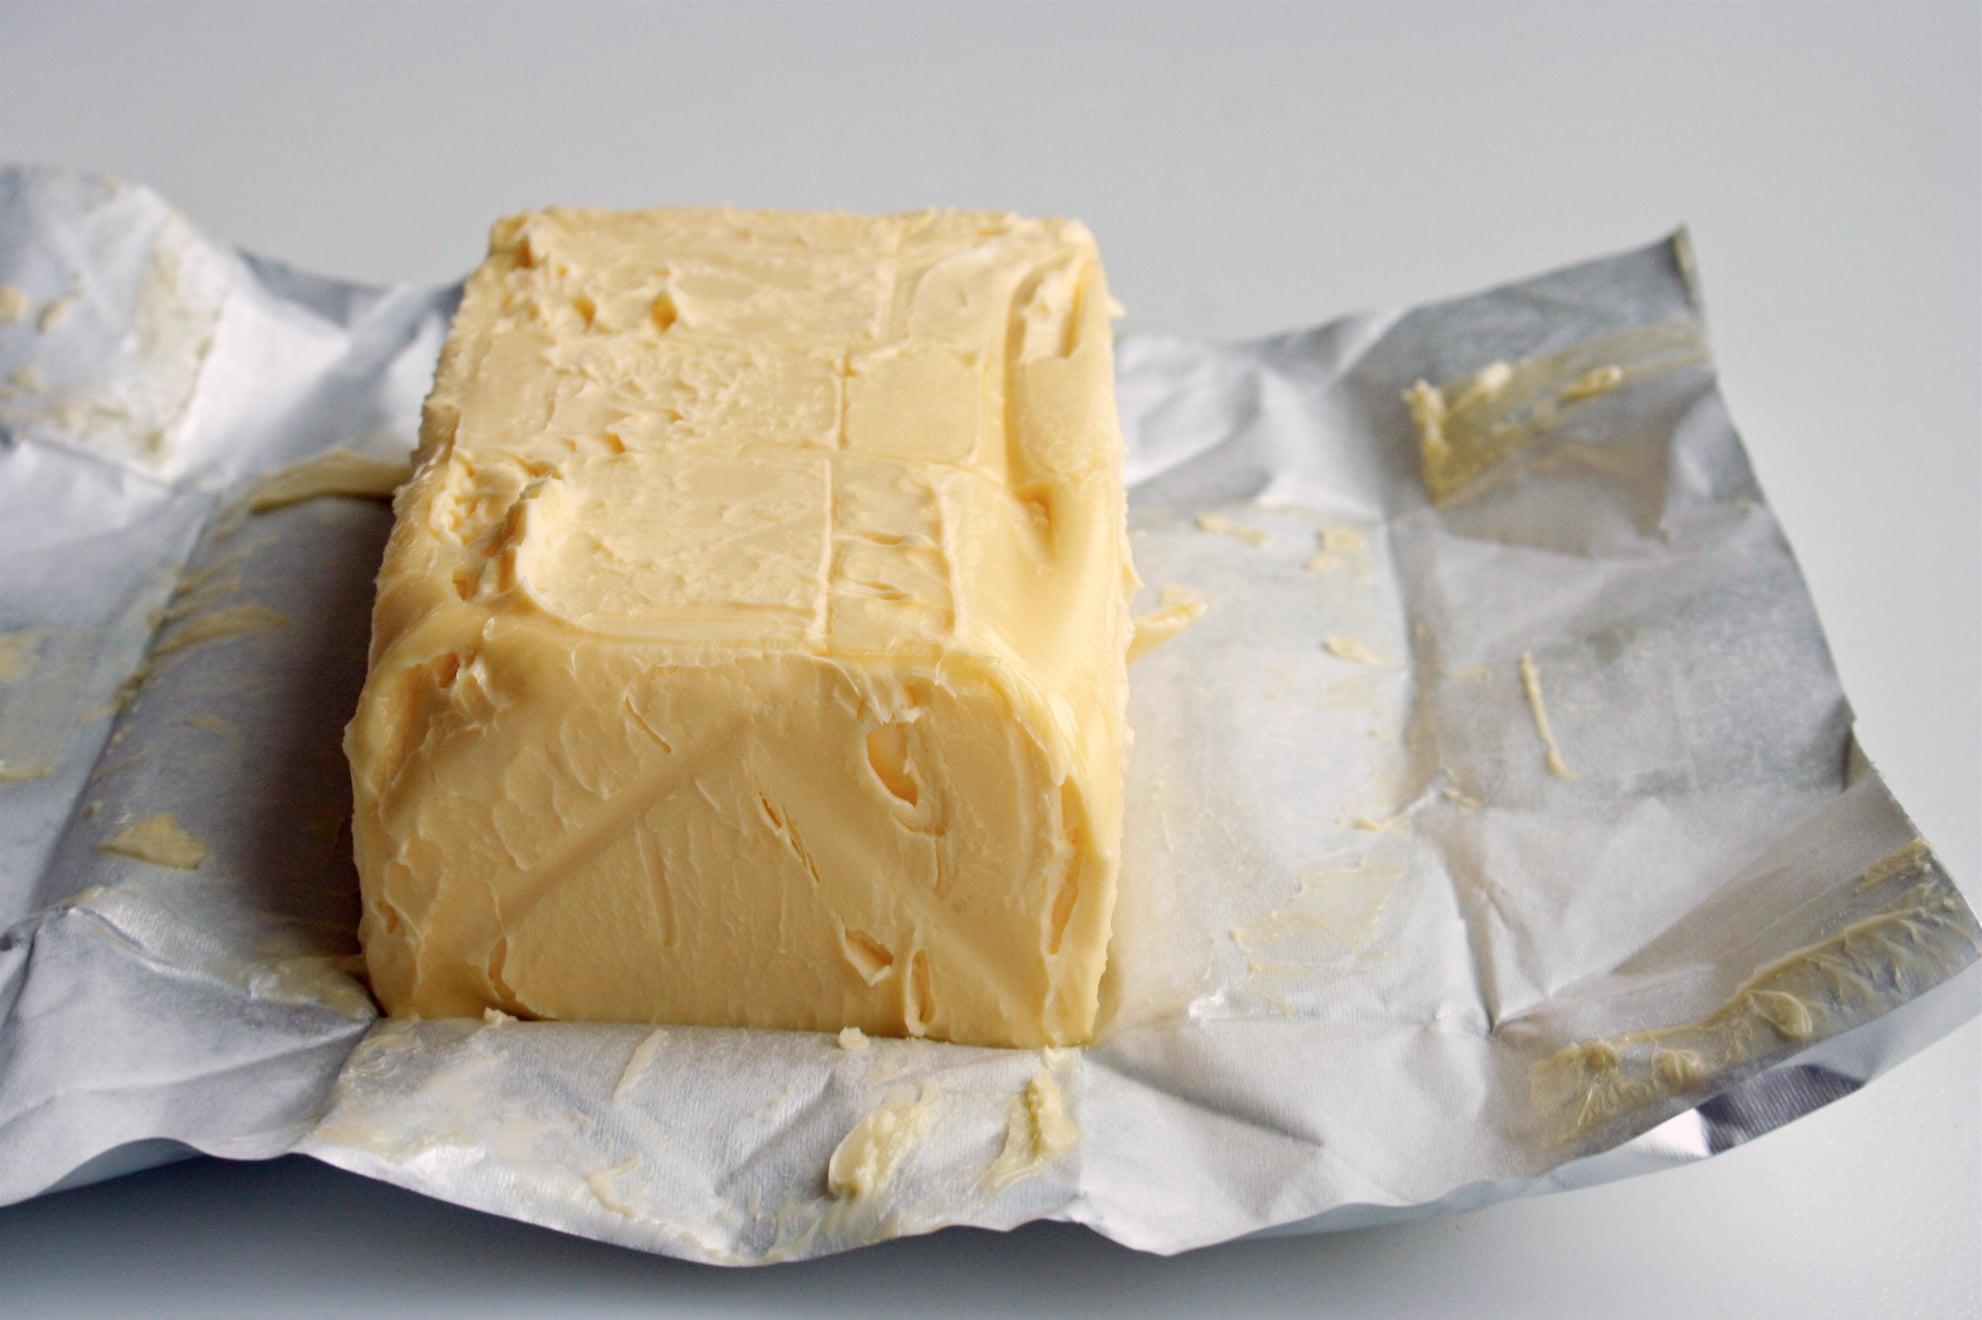 奶油屬於飽和性脂肪,攝取過多不僅熱量高,也造成心血管的負擔。